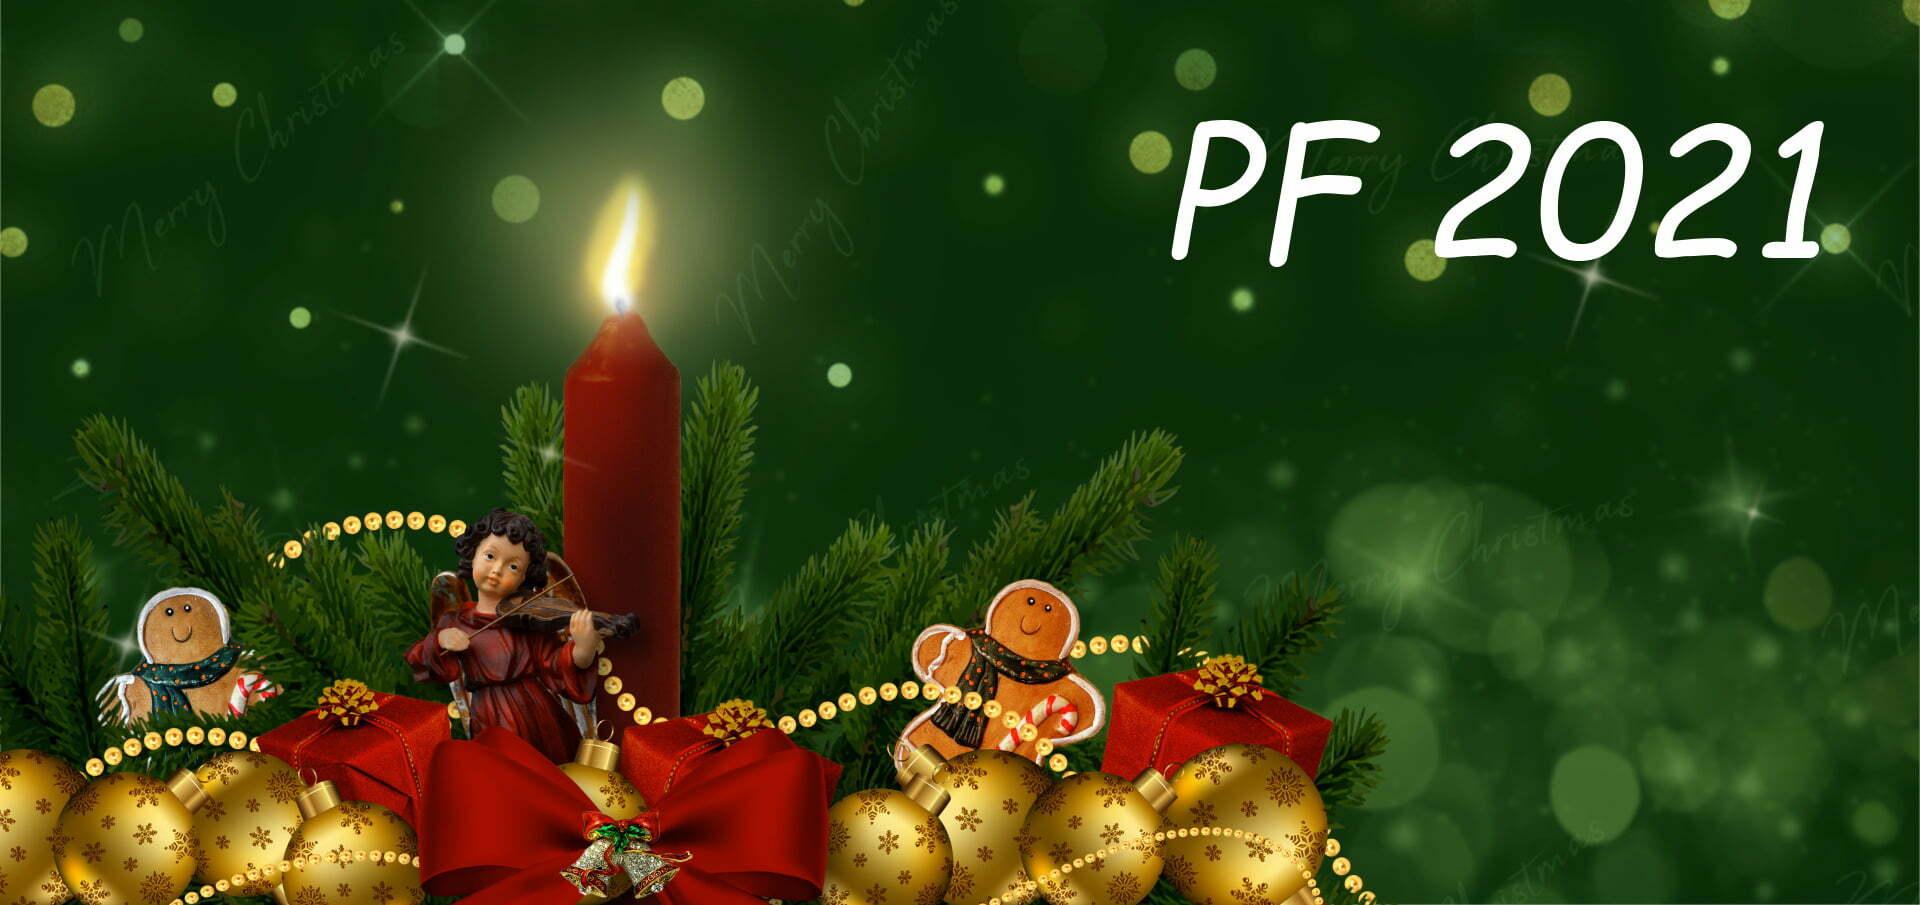 Novoroční přání ke stažení PF 2021 vánoční motiv